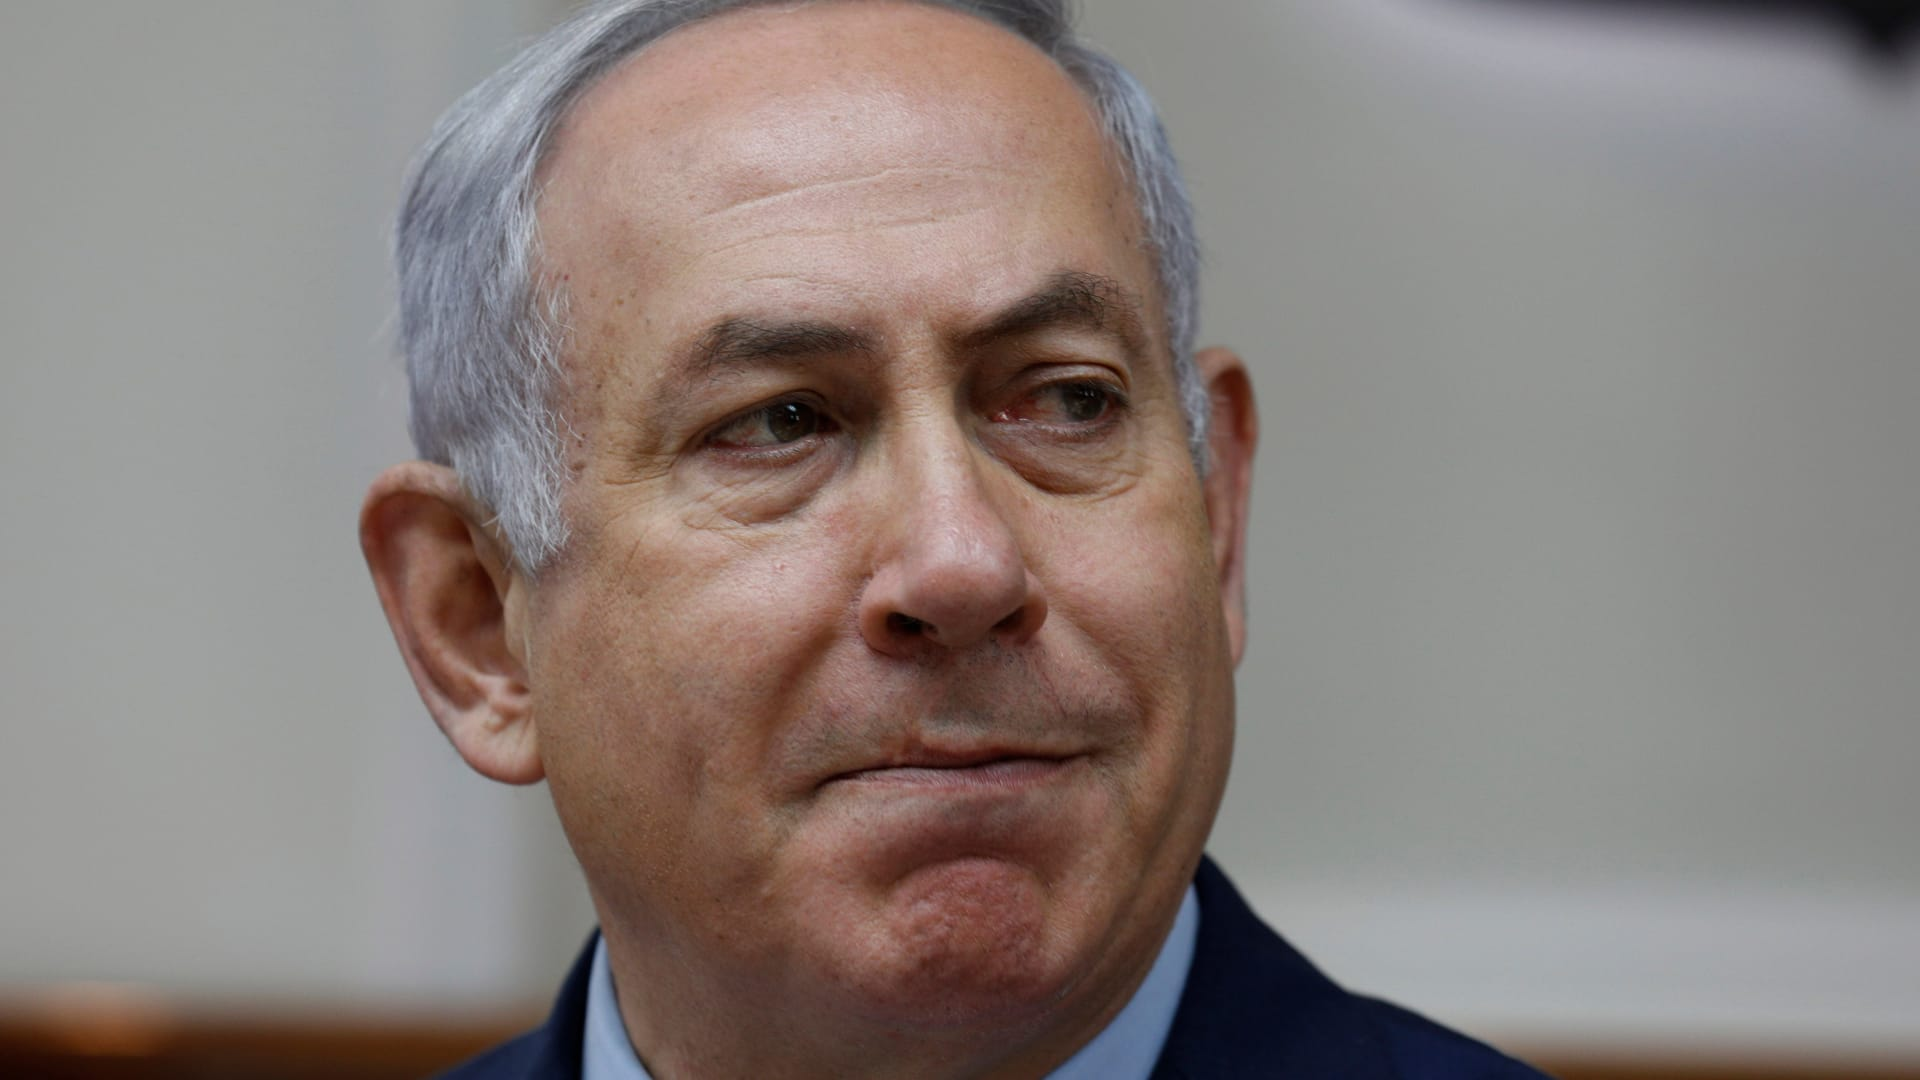 المشاهد الأولى بعد إصابة صاروخ لمنزل إسرائيليين قرب تل أبيب